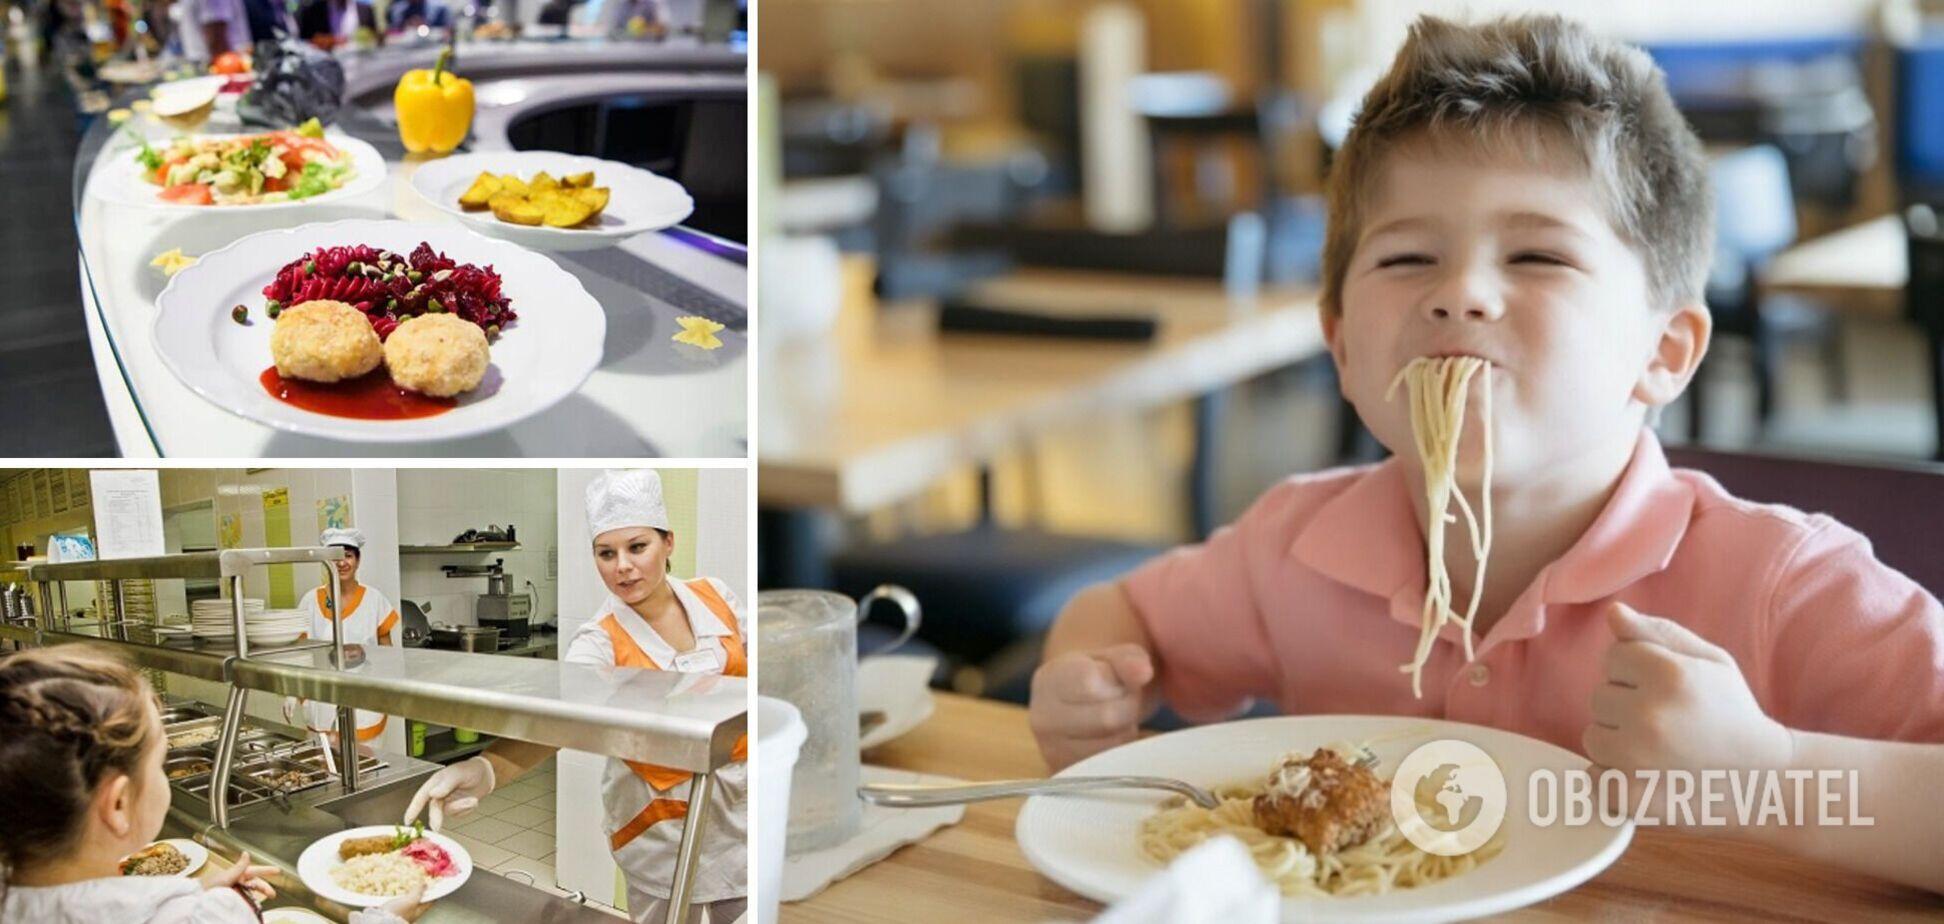 Вищі ціни, меню як у ресторанах: OBOZREVATEL перевірив, яким буде харчування в школах із 1 вересня